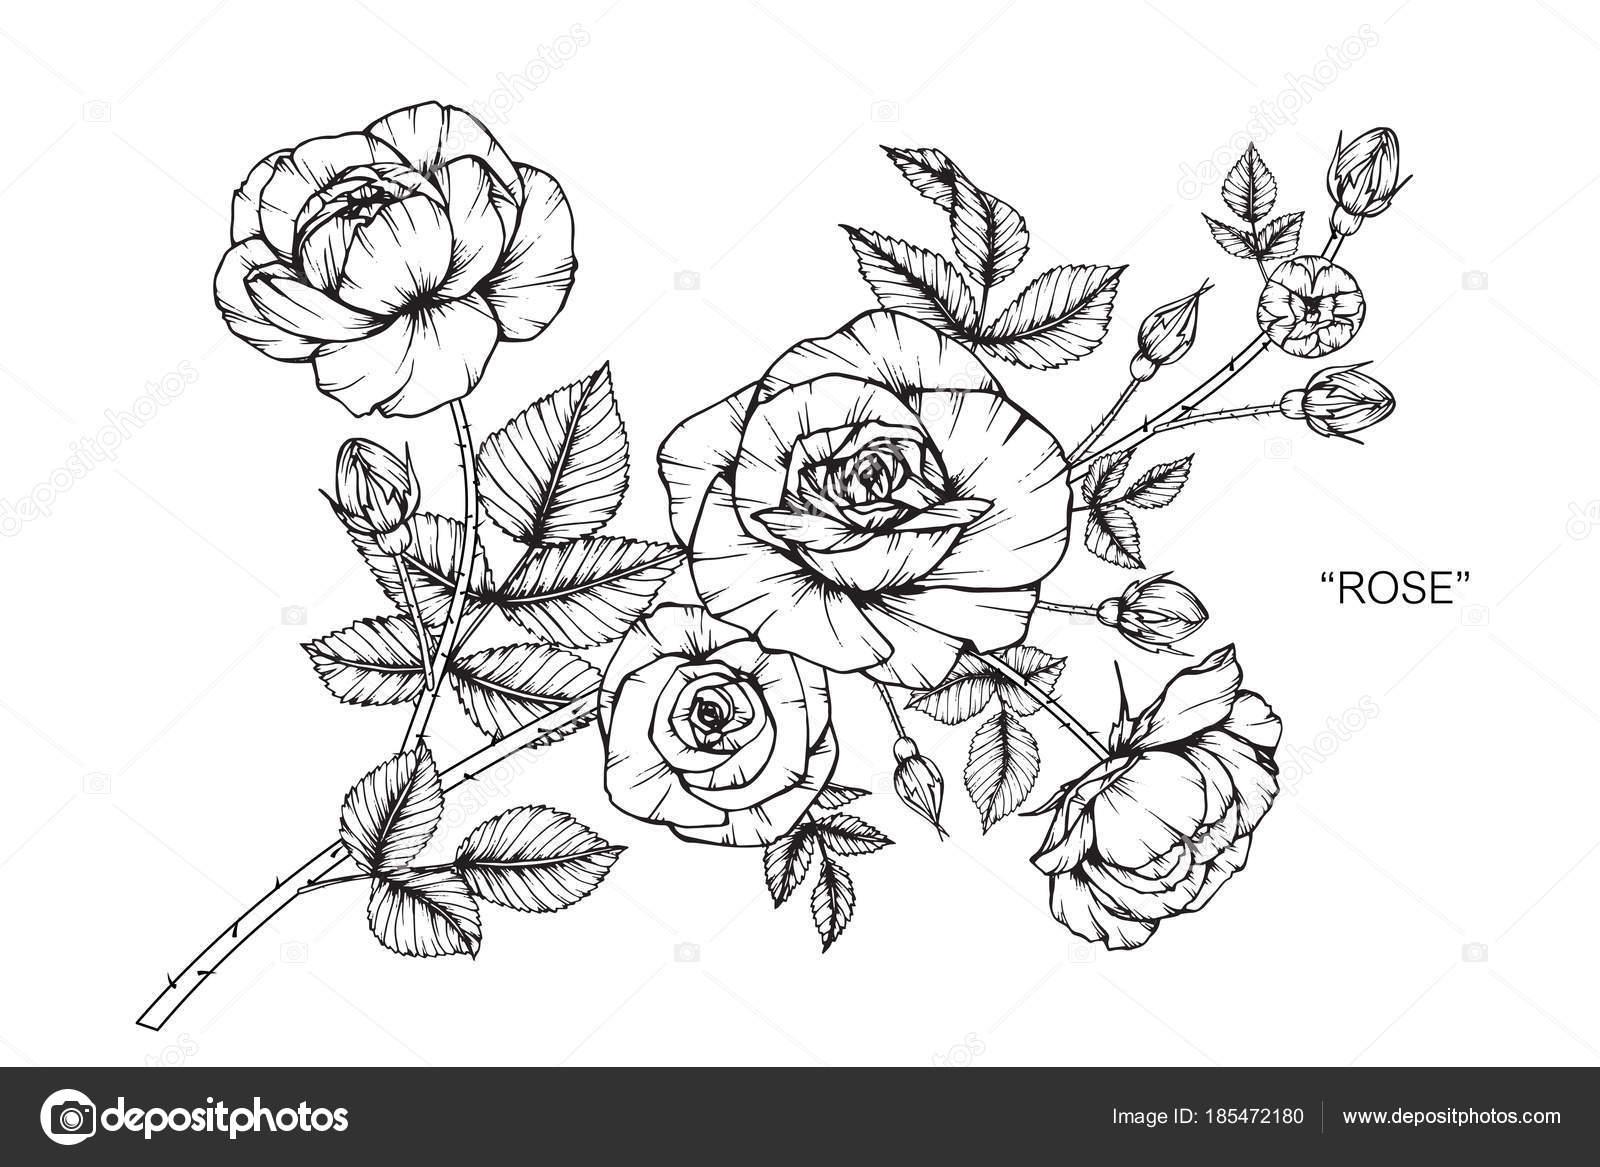 Rose Fleur Dessin Illustration Noir Blanc Avec Dessins Trait Sur